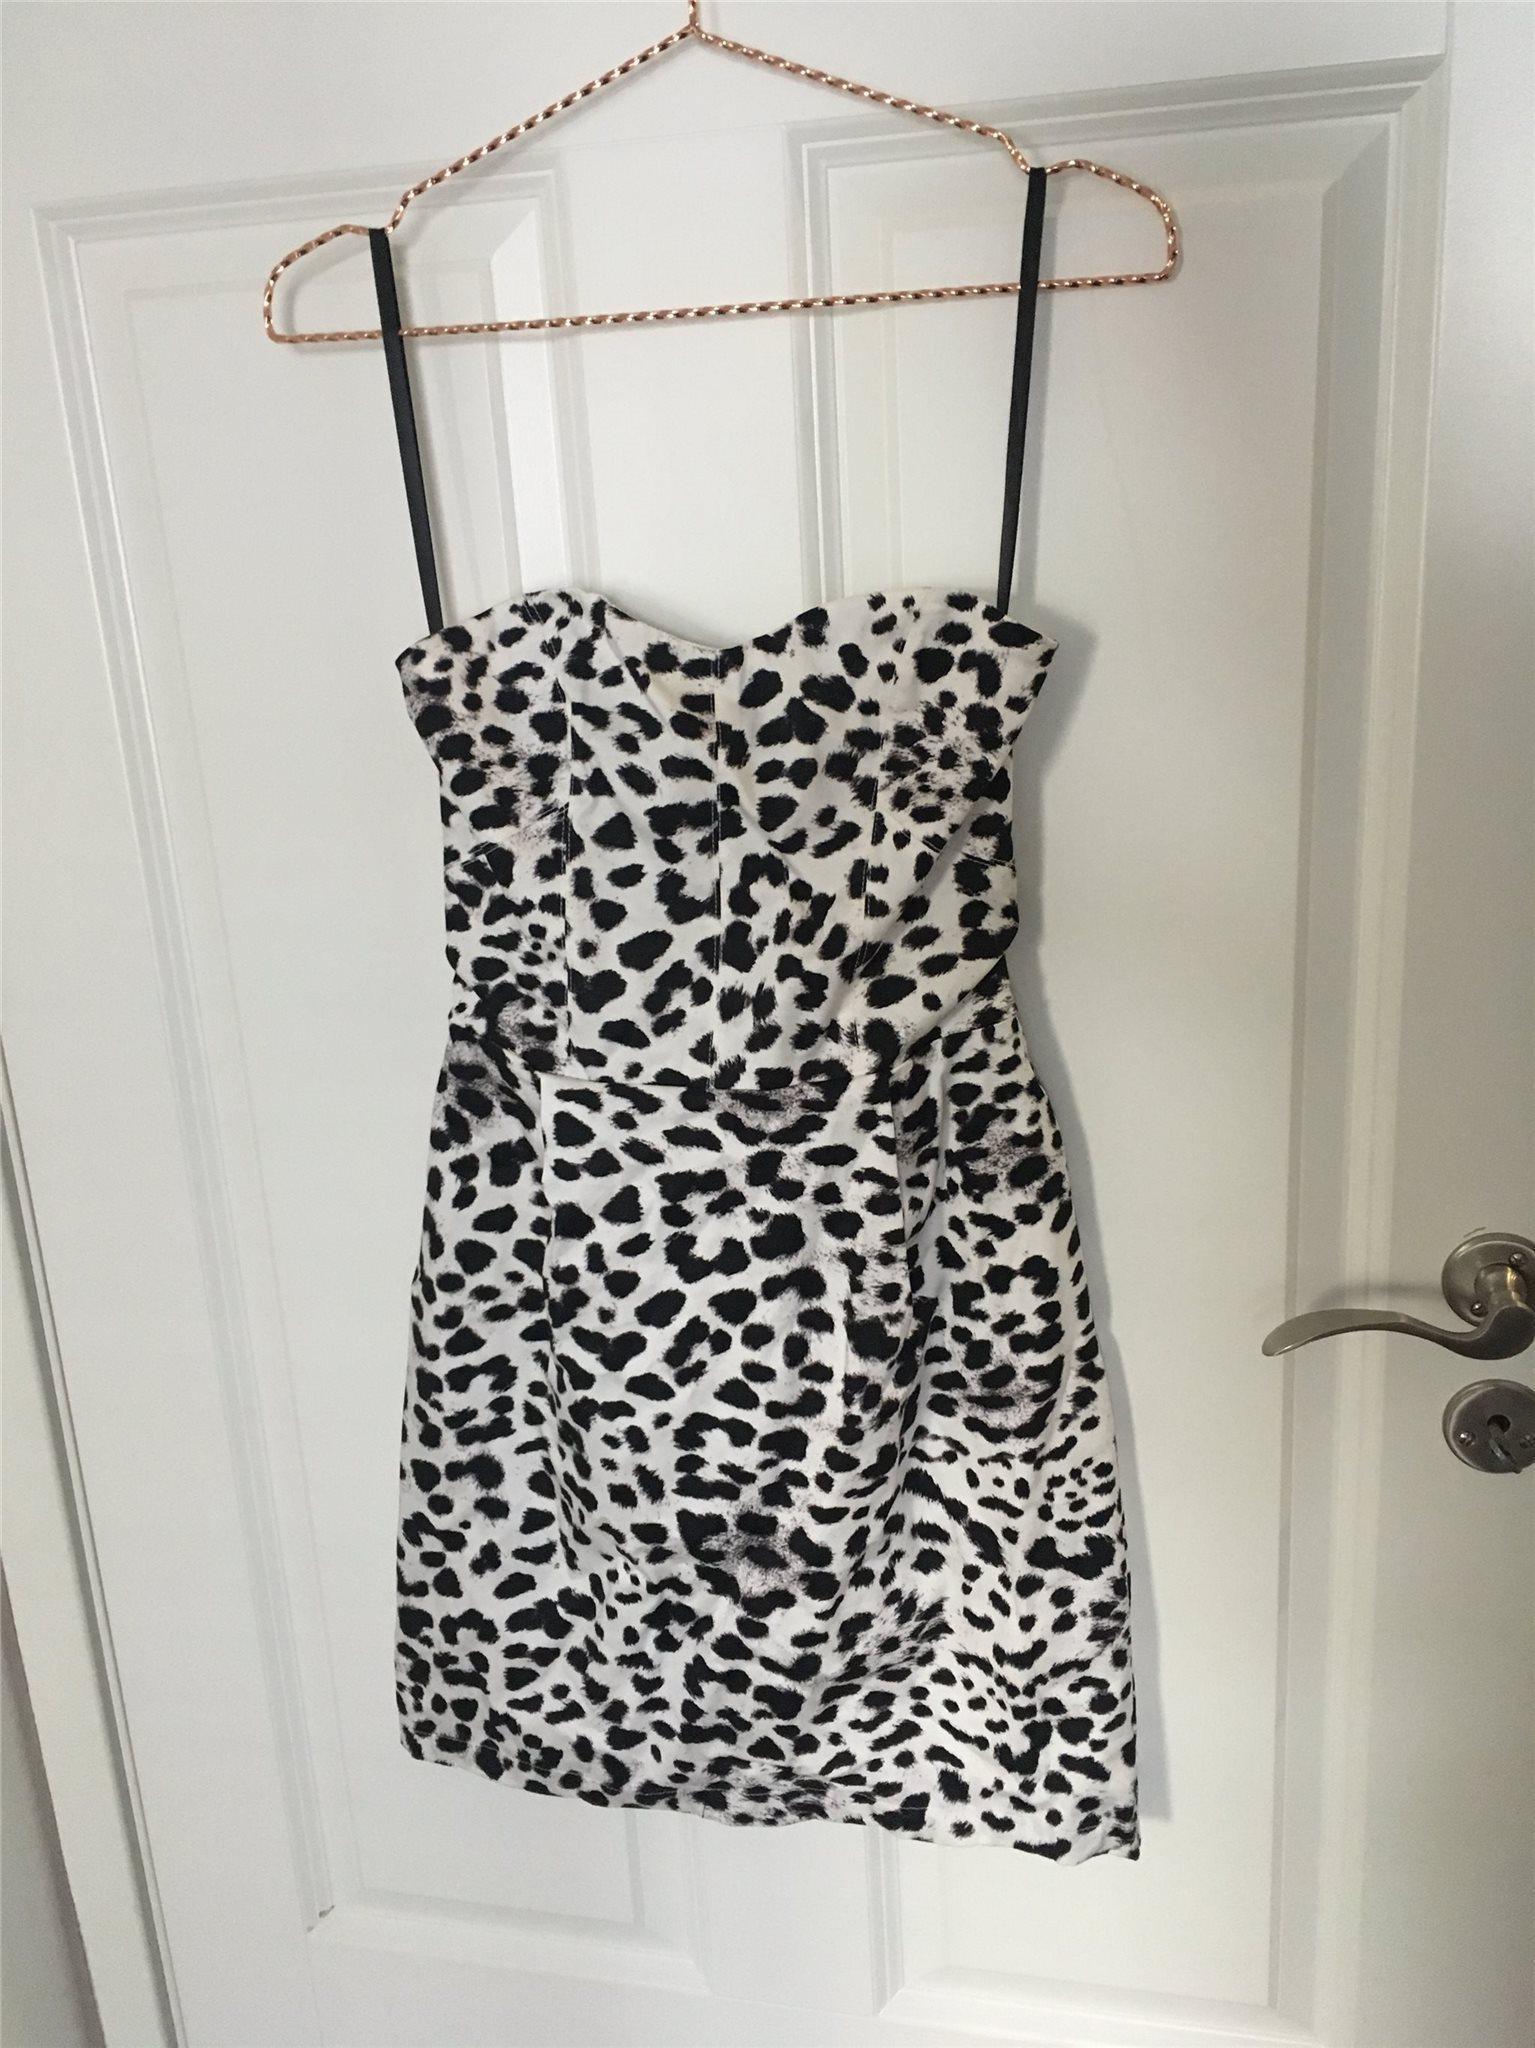 Vit axelbandslös klänning med leopardmönster. F.. (326941649) ᐈ Köp ... 46a7ae8088b42